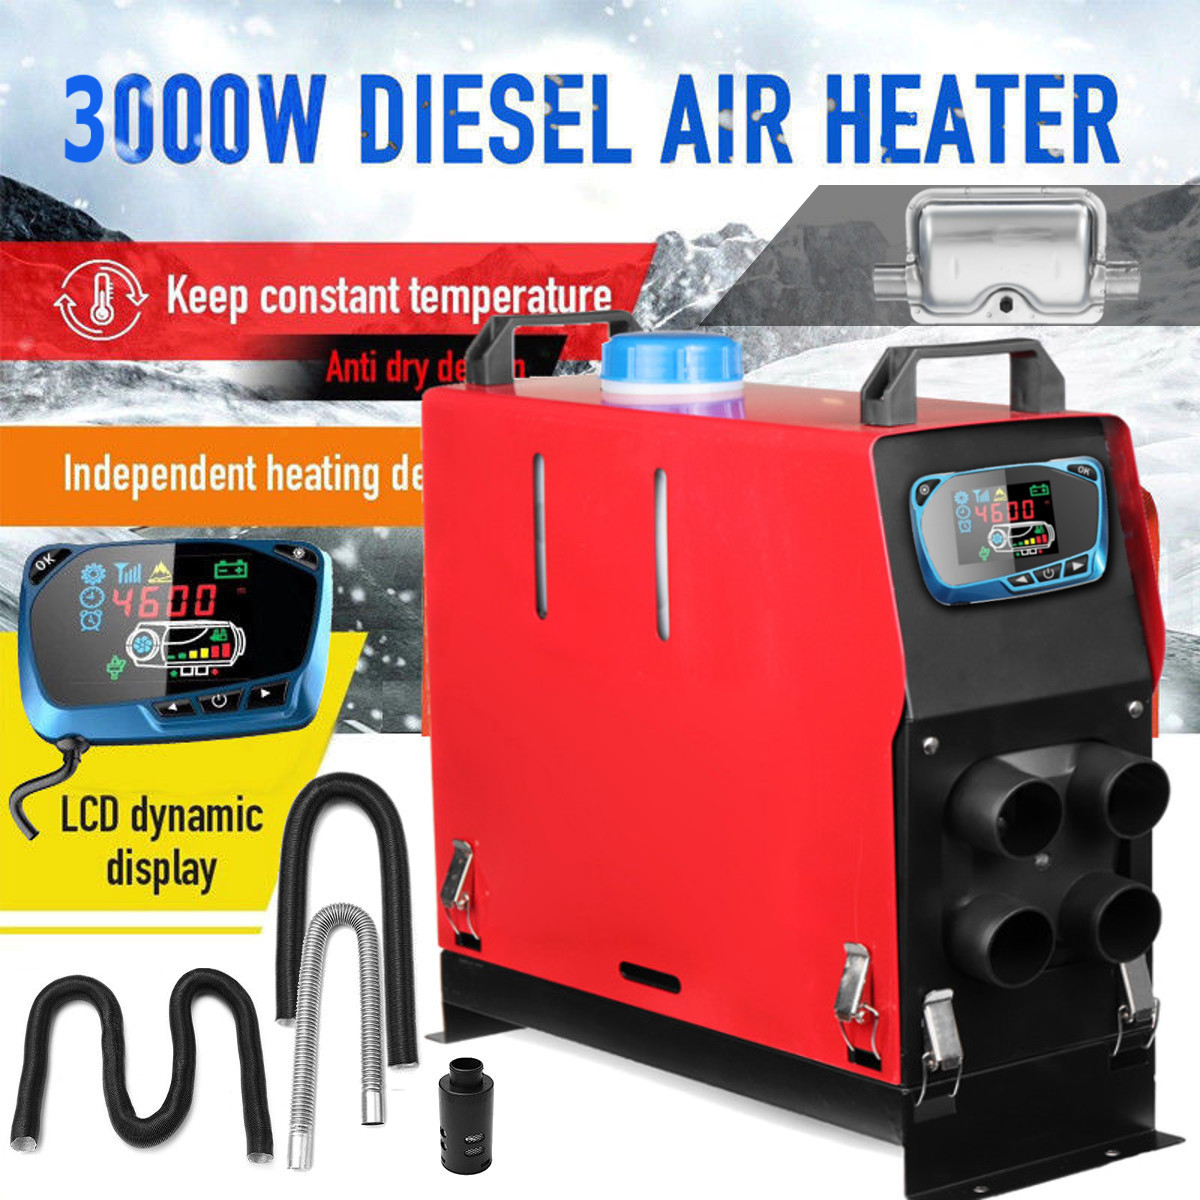 3000 w Air diesels Chauffe-3KW 12 v Chauffage De la Voiture Pour Camions Moteur-Maisons Bateaux Bus + Date LCD interrupteur à clé + Silencieux